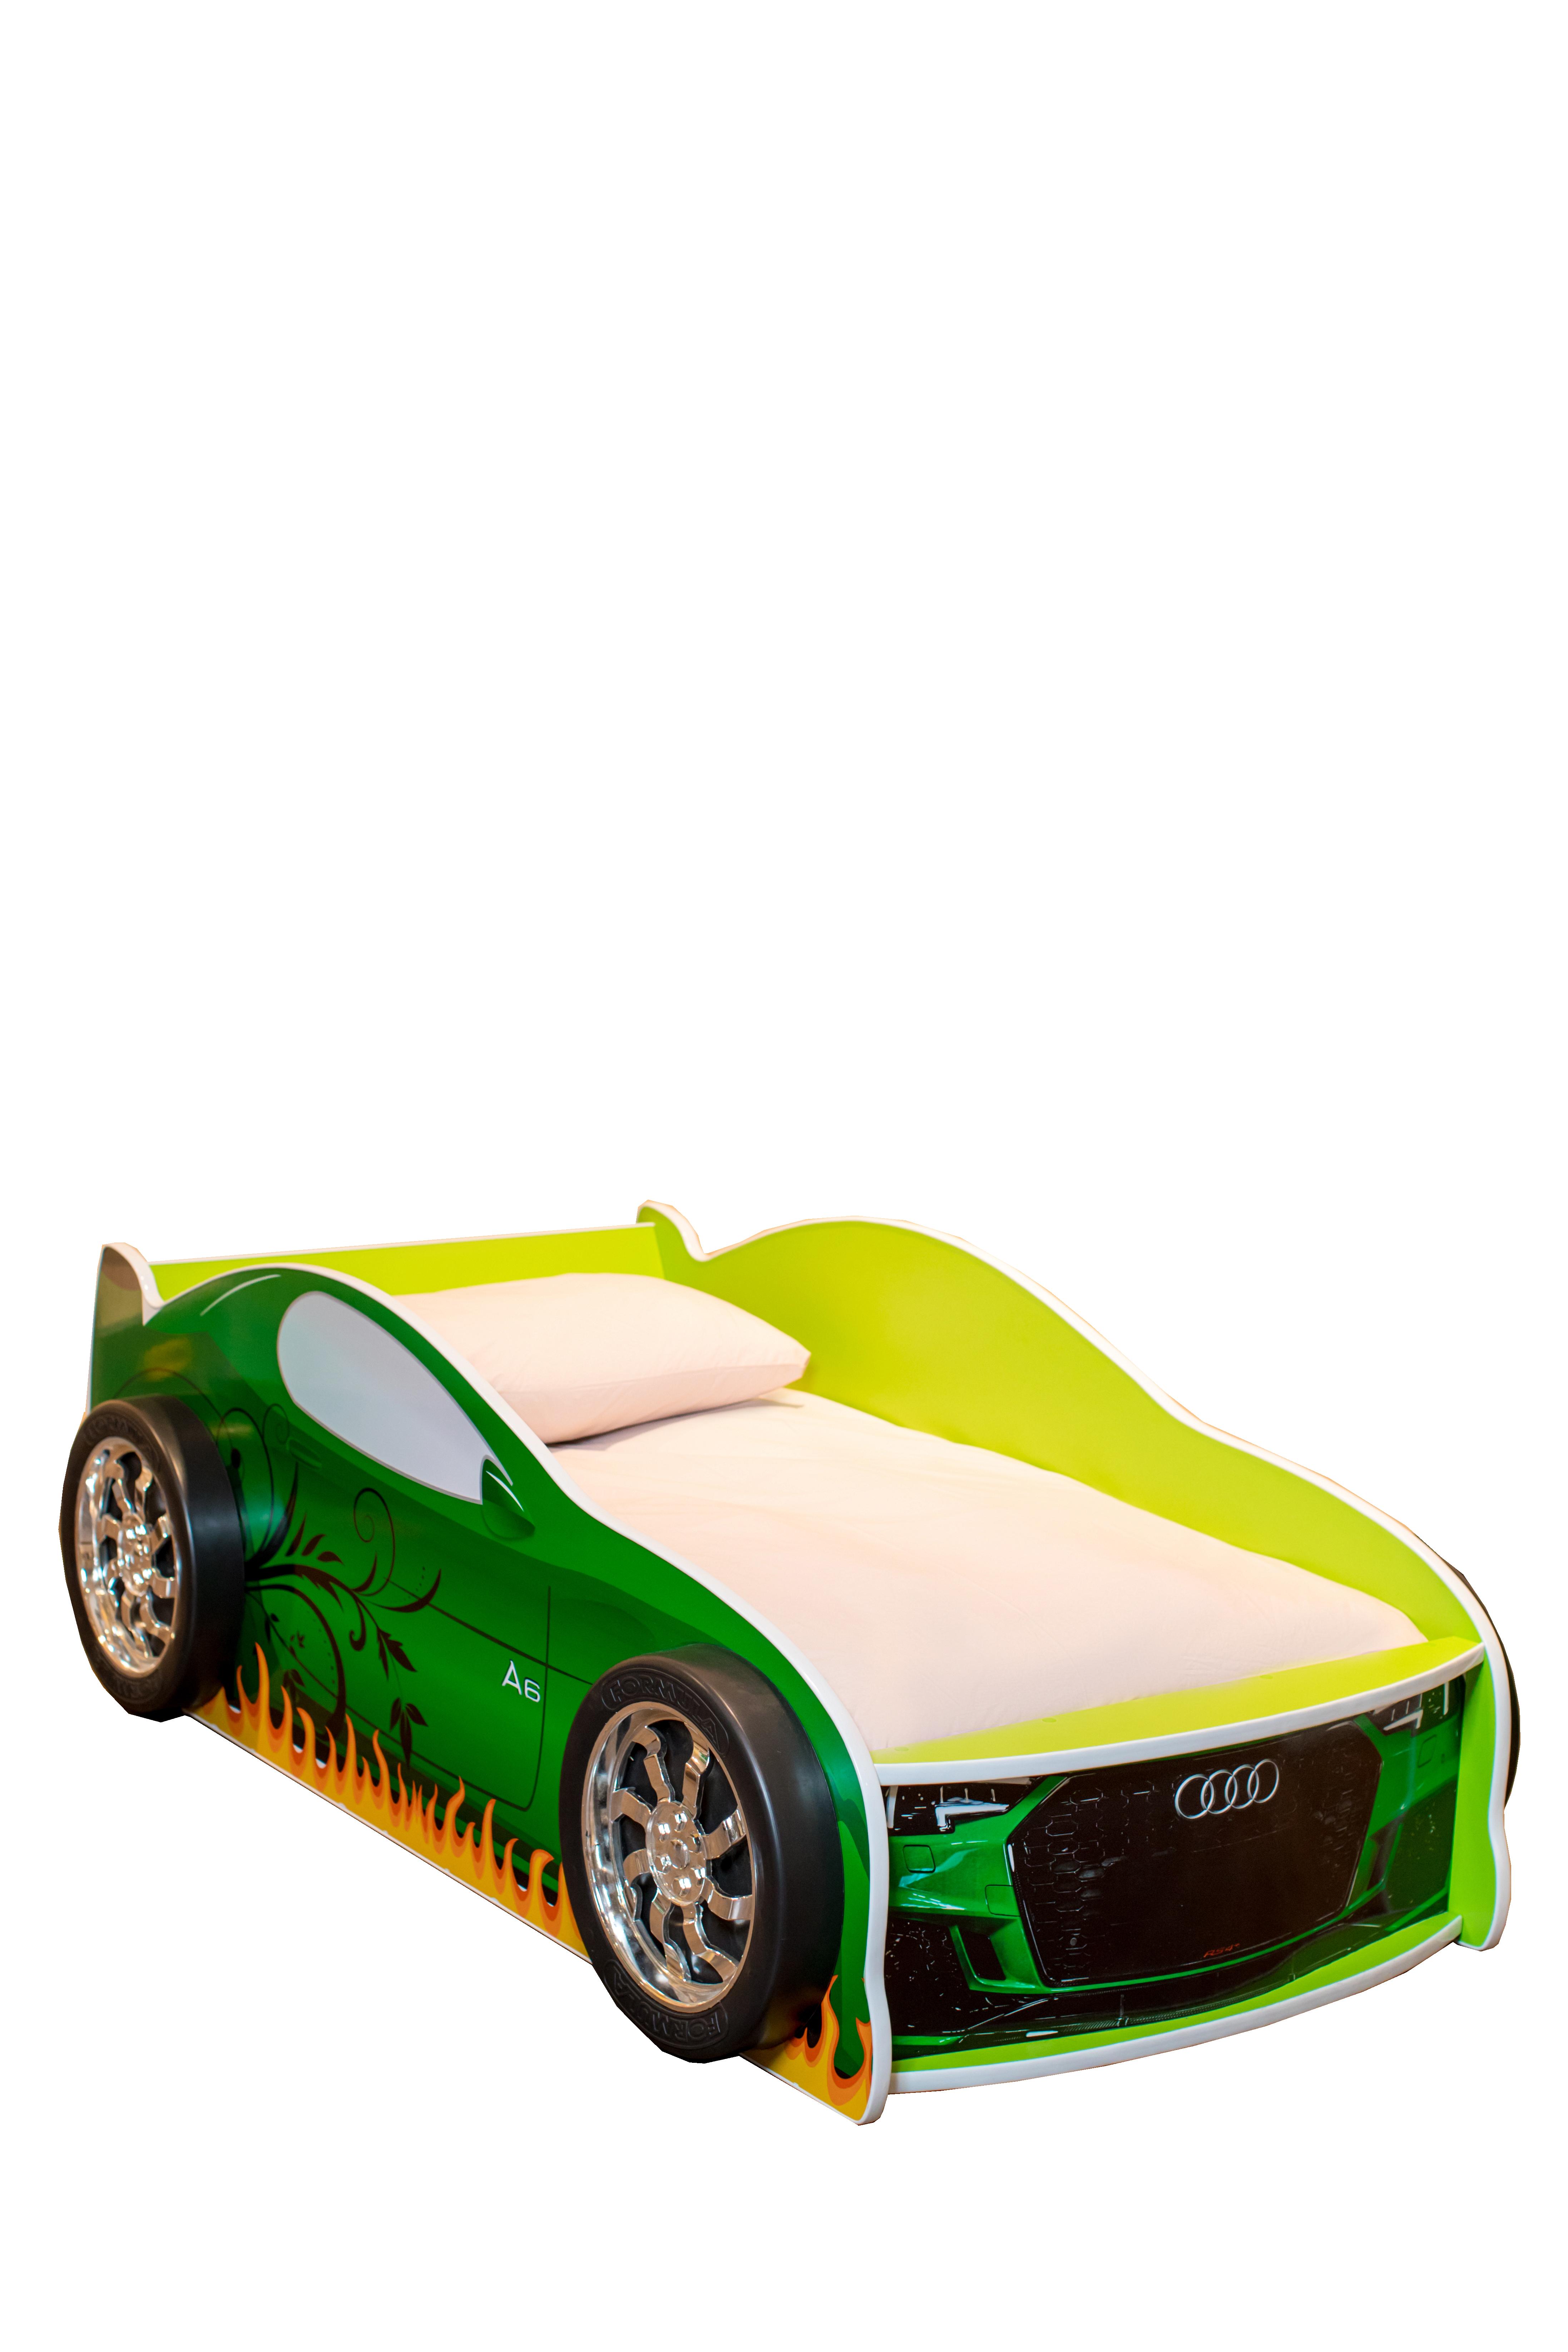 Mələklər -  Audi uşaq dəsti  - 2